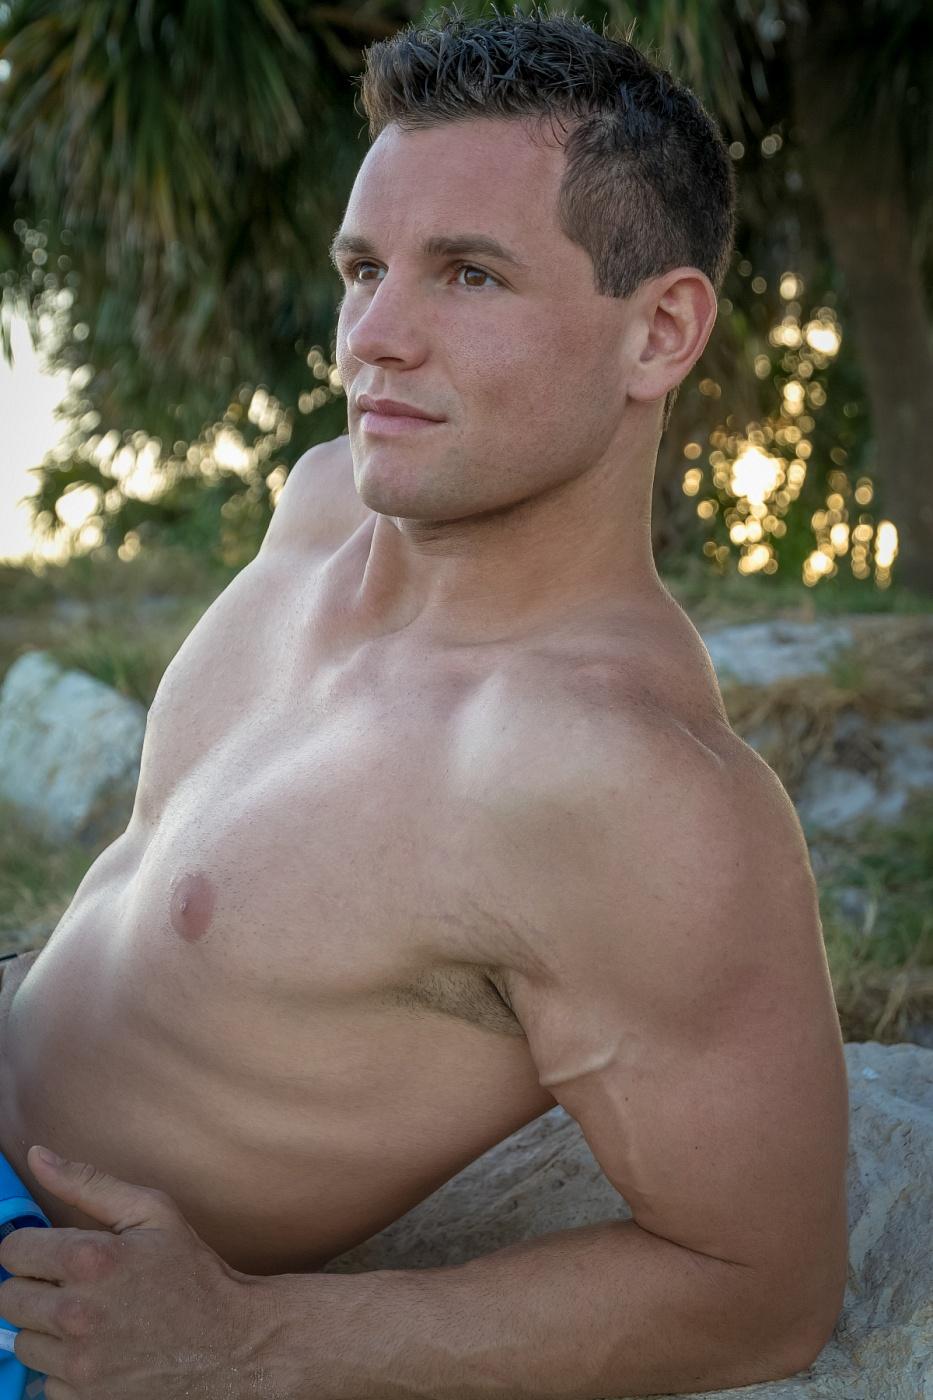 Damon King